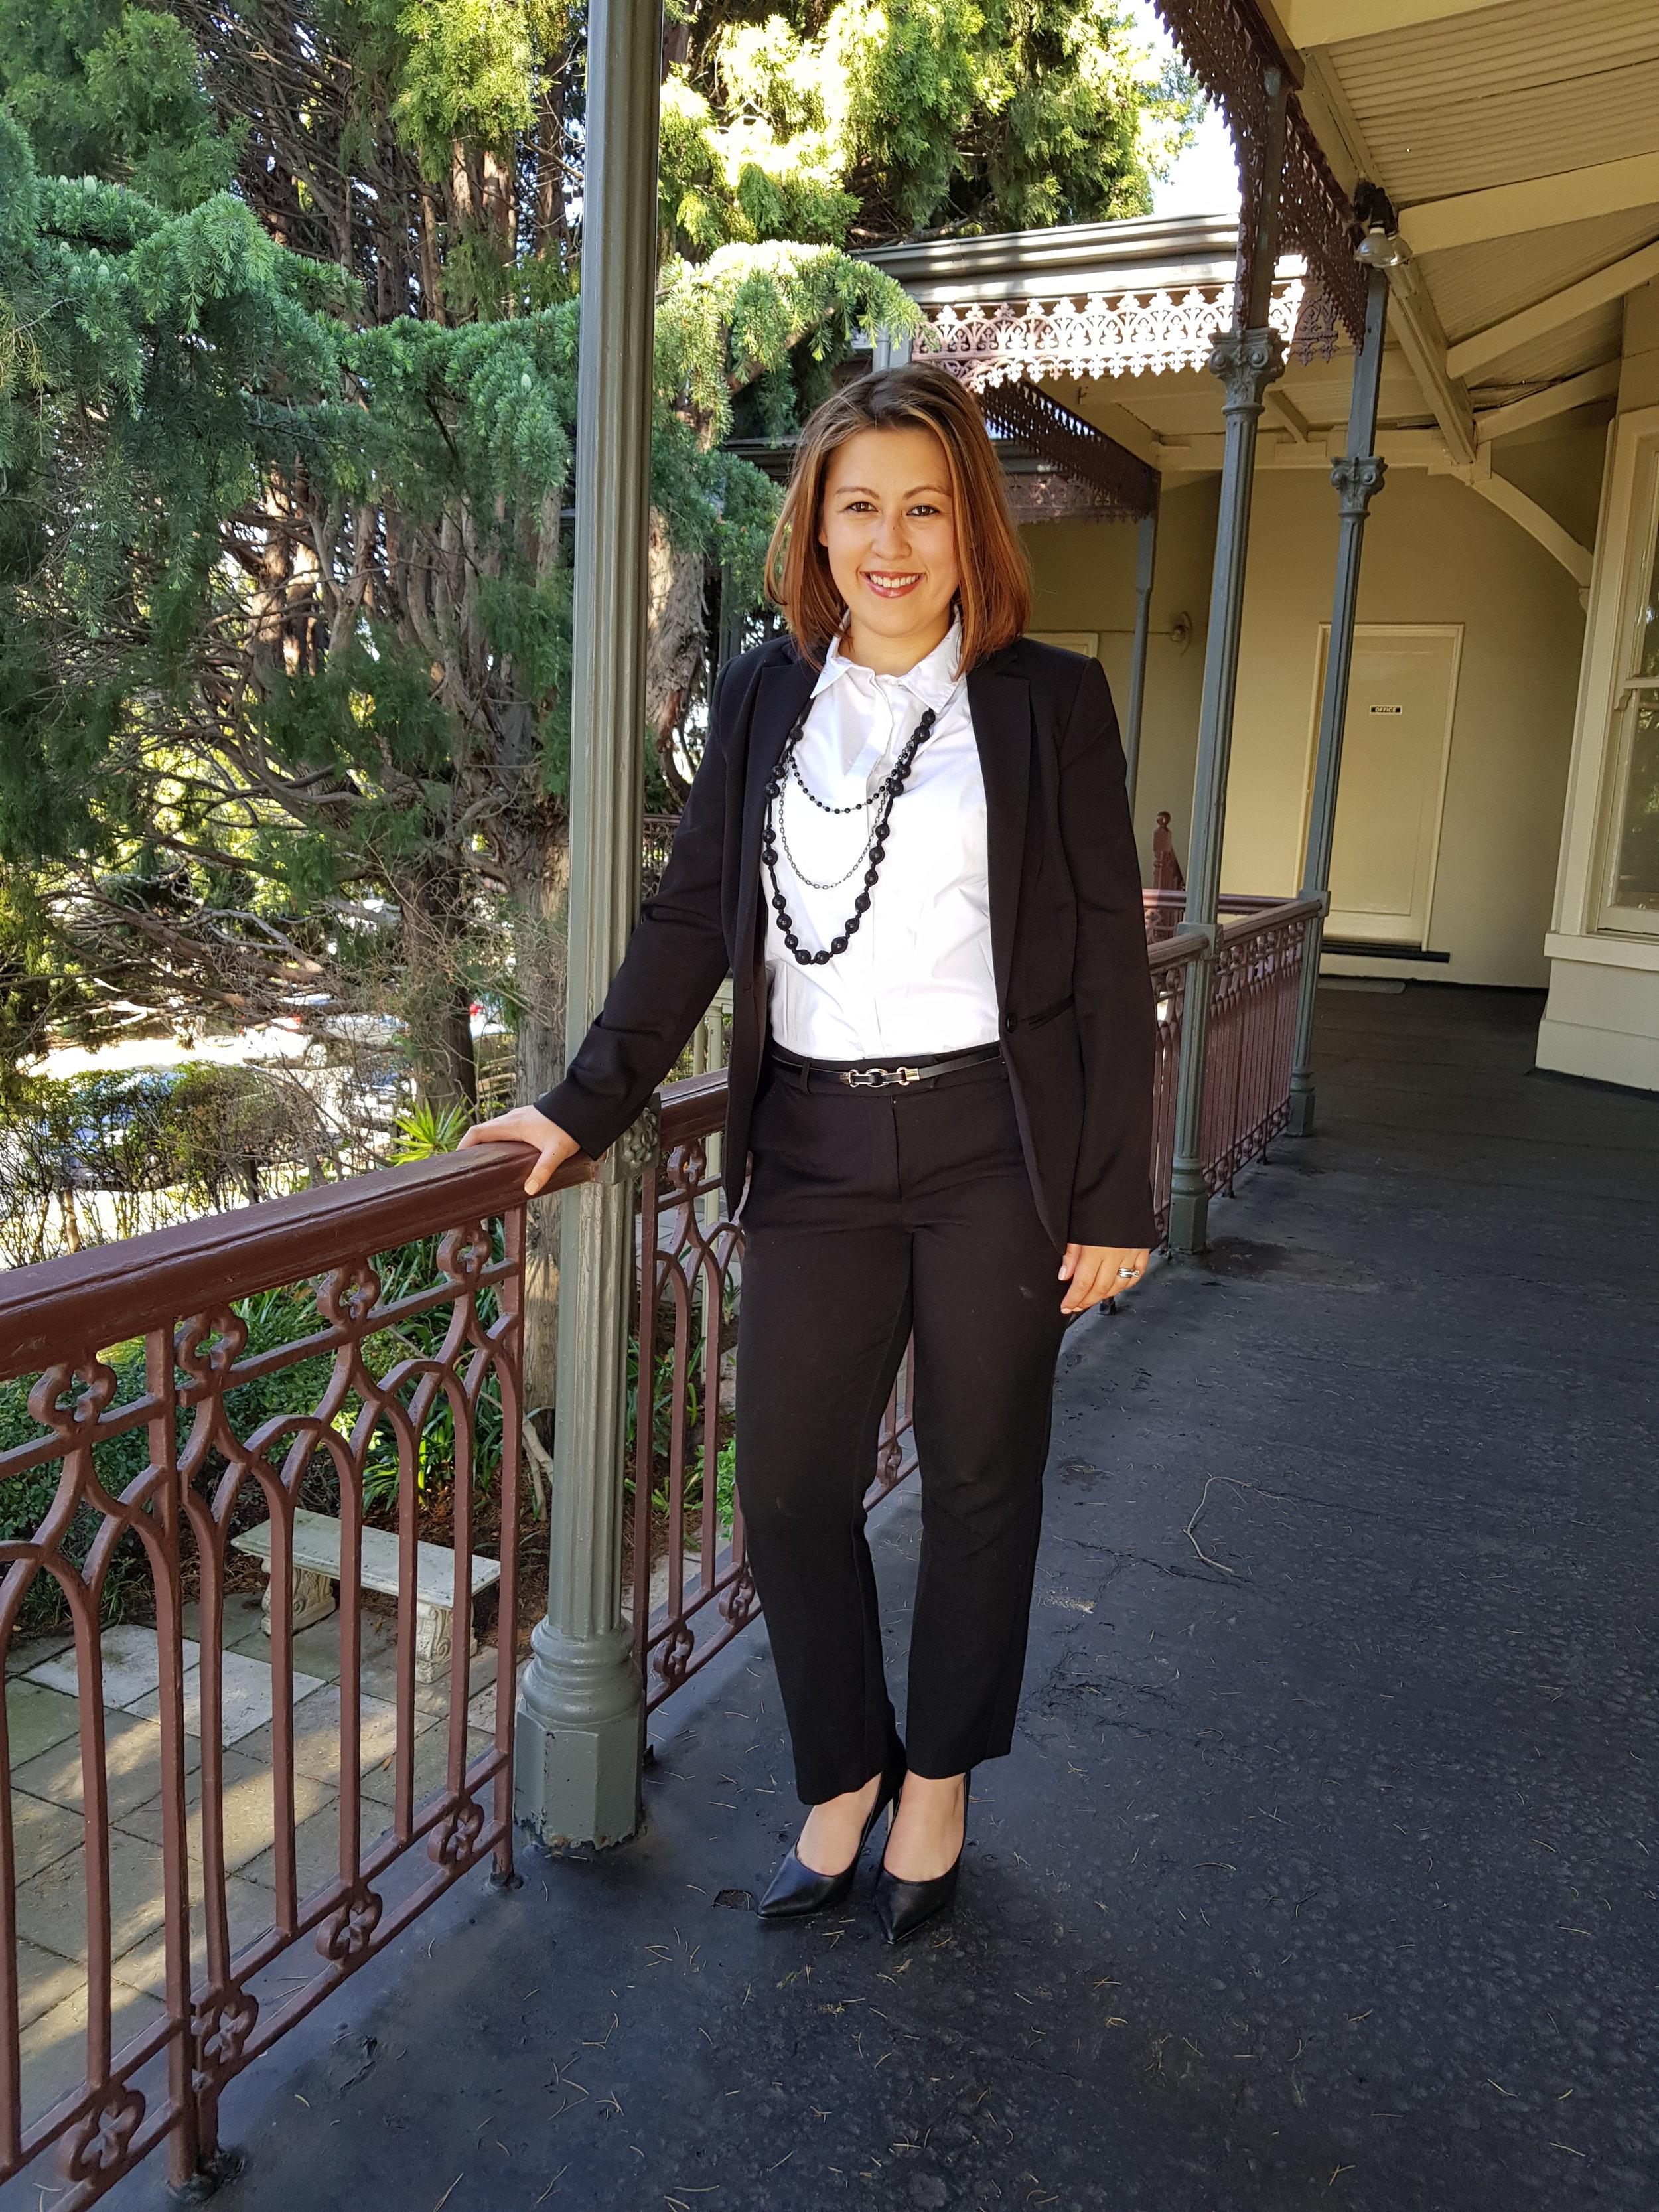 Charlene Haidar - credit adviser  EMAIL: c.haidar@ejm.com.au  MOBILE: 0450 326 845